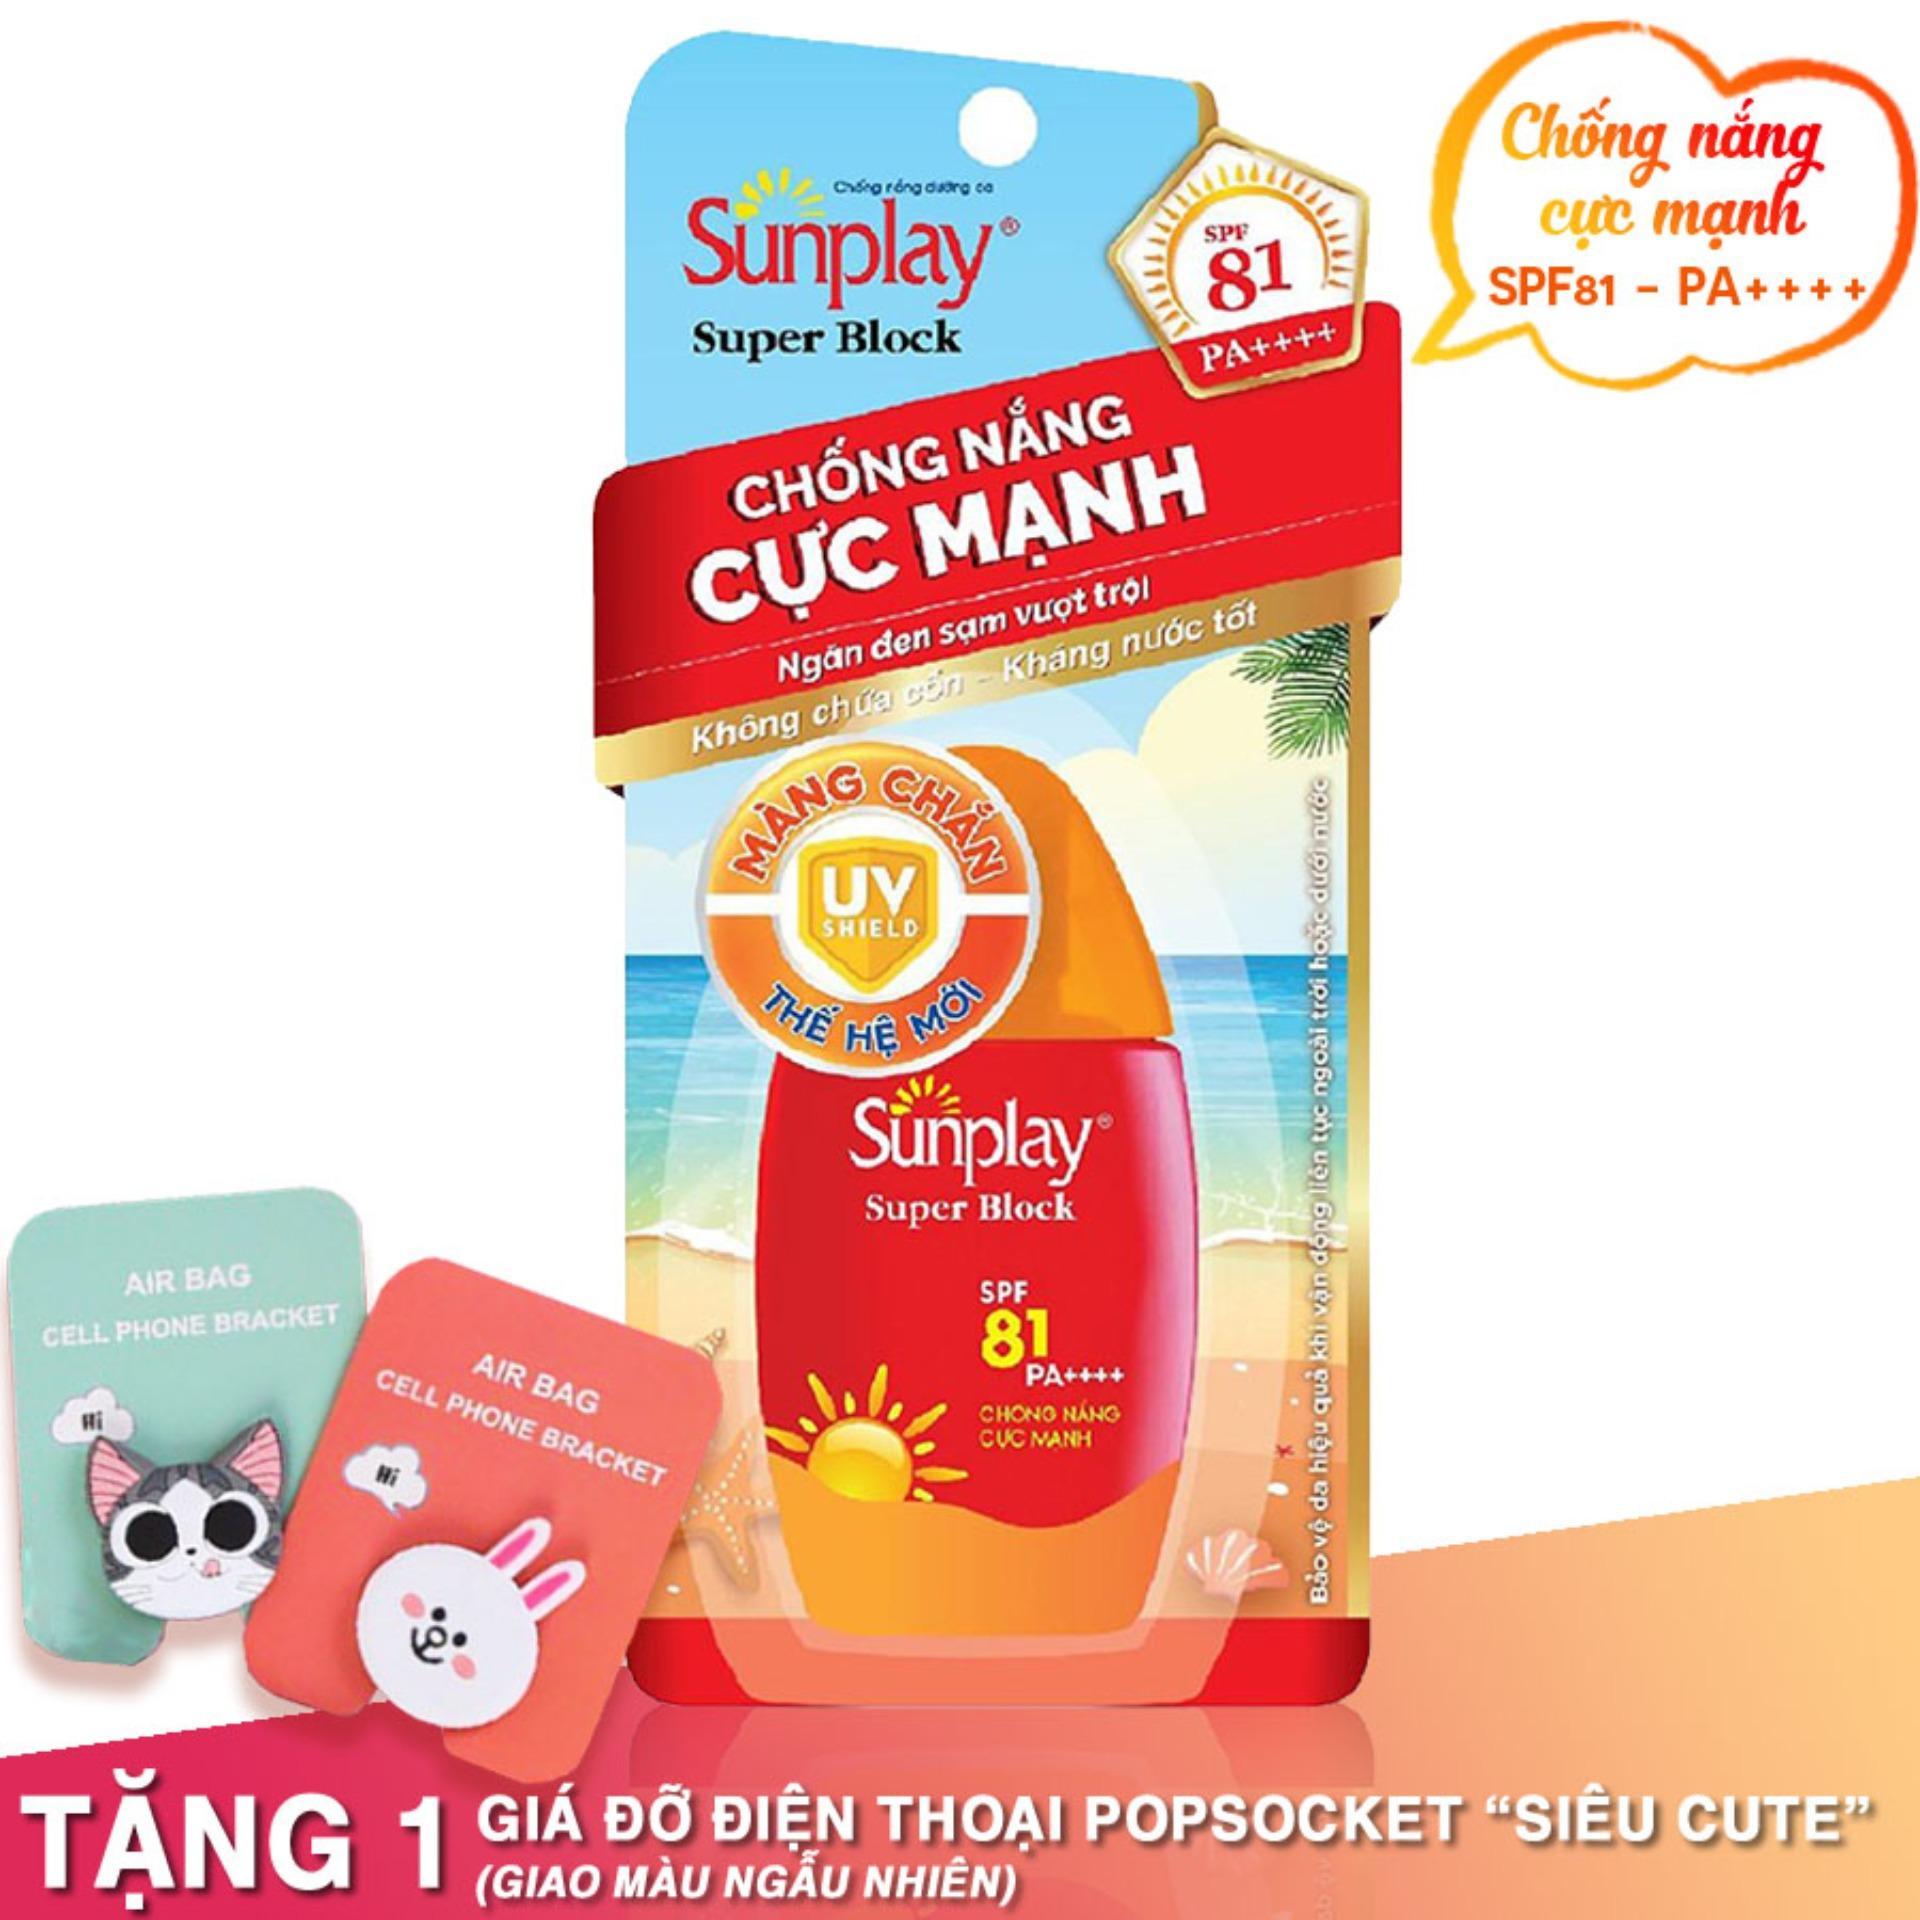 Sữa Chống Nắng Sunplay Cực Mạnh Sunplay Super Block SPF 81, PA++++ (30g,70g) - Mẫu mới nhập khẩu